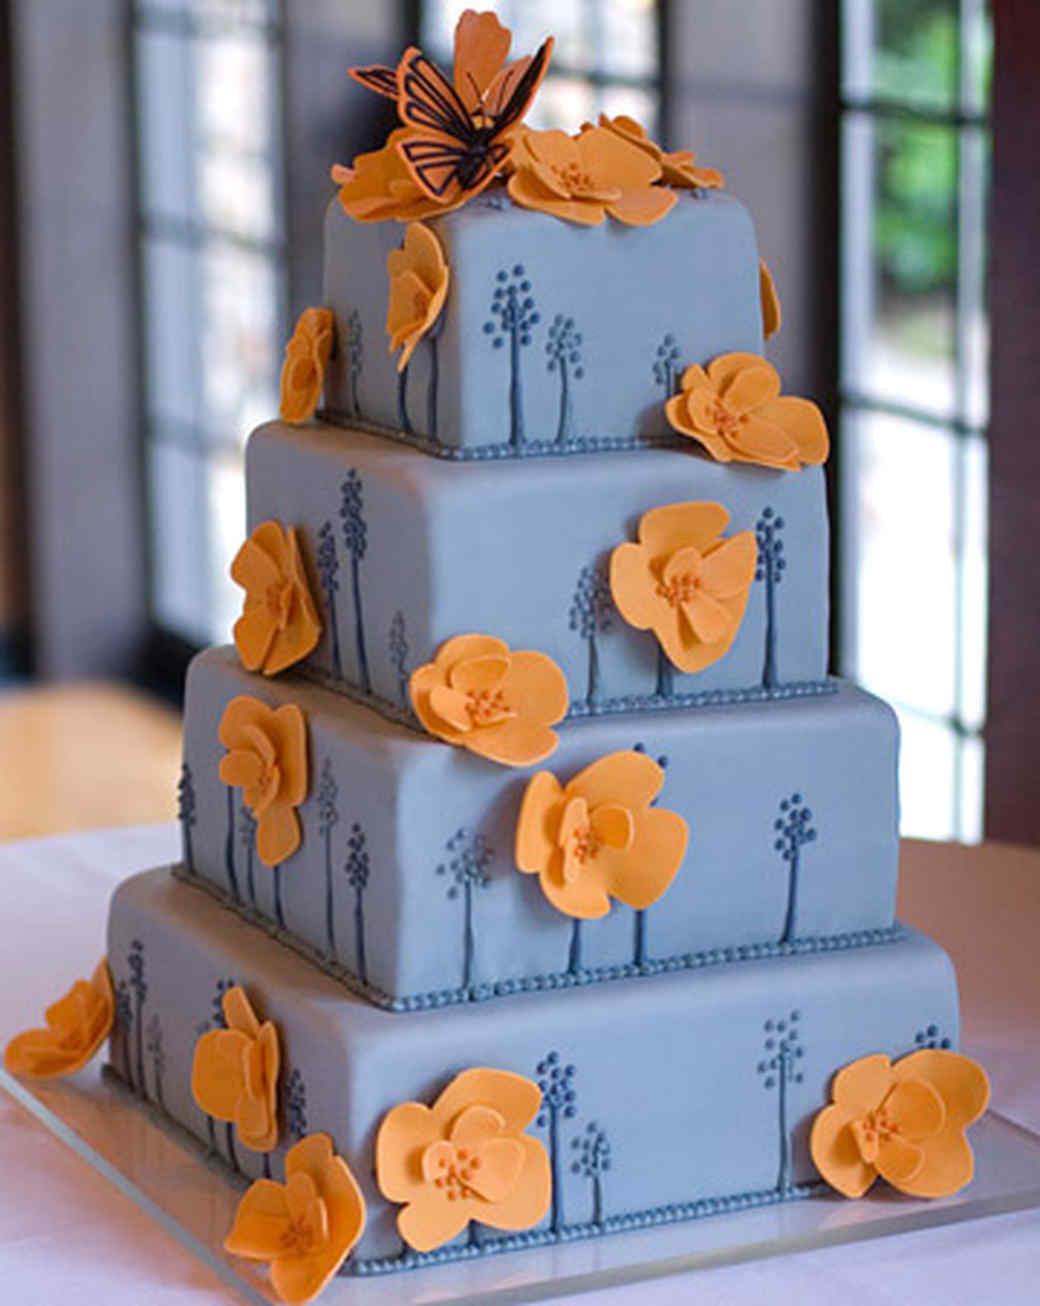 doer_0723_bethann_blue_cake.jpg